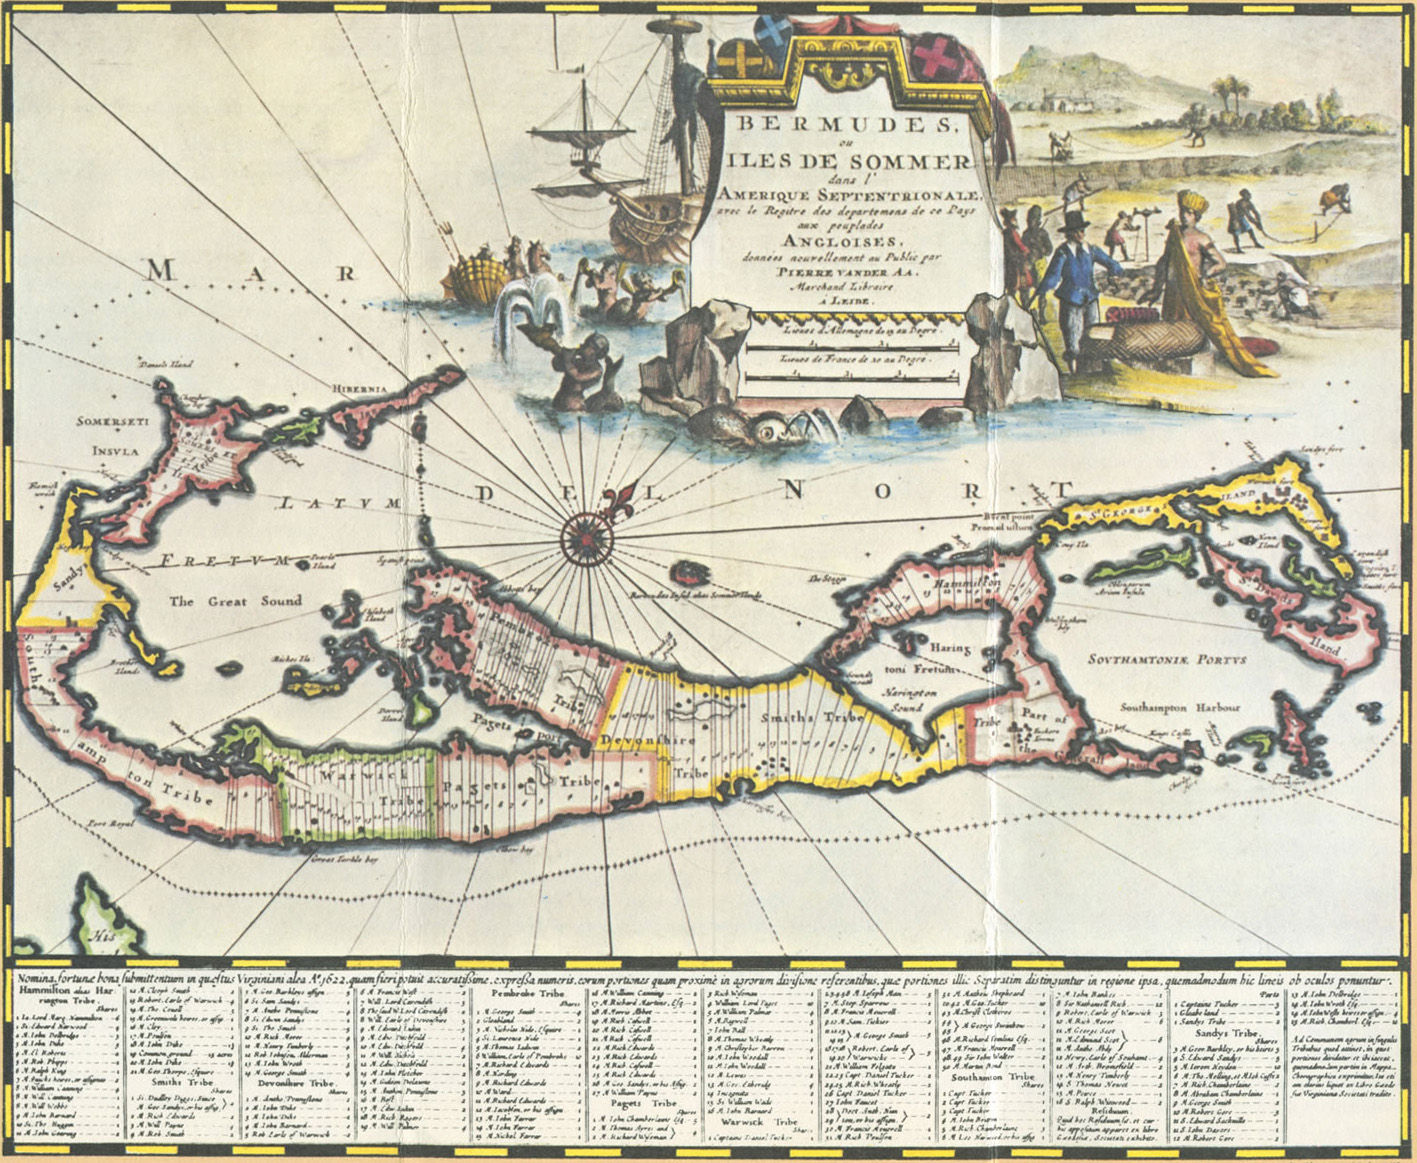 1729 Bermuda Antique Map